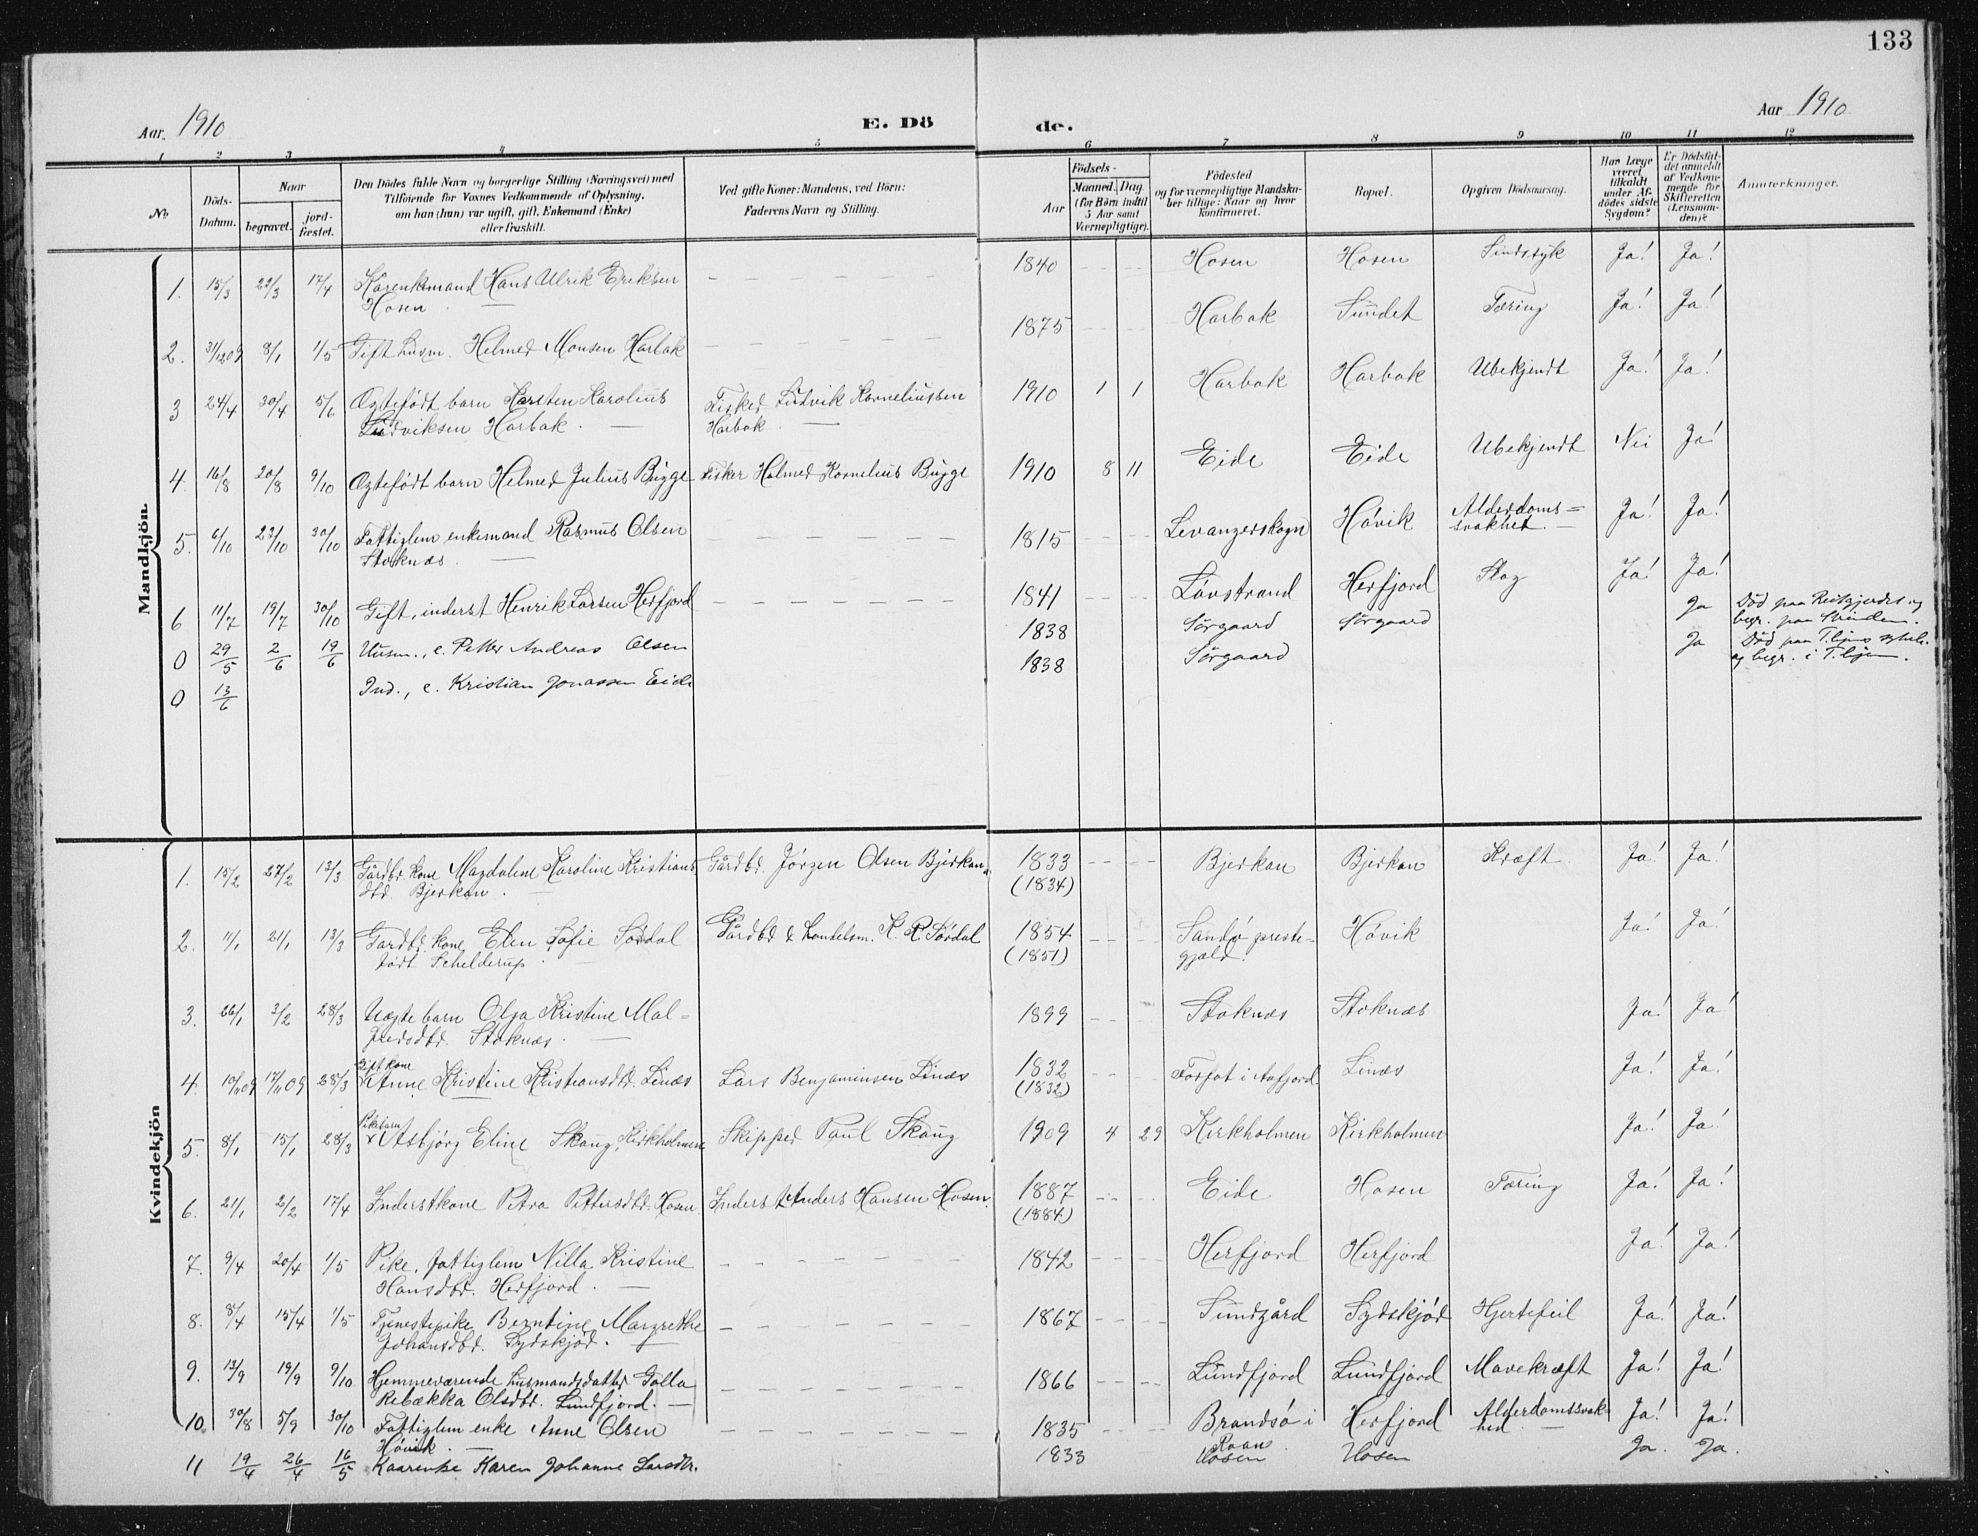 SAT, Ministerialprotokoller, klokkerbøker og fødselsregistre - Sør-Trøndelag, 656/L0699: Klokkerbok nr. 656C05, 1905-1920, s. 133